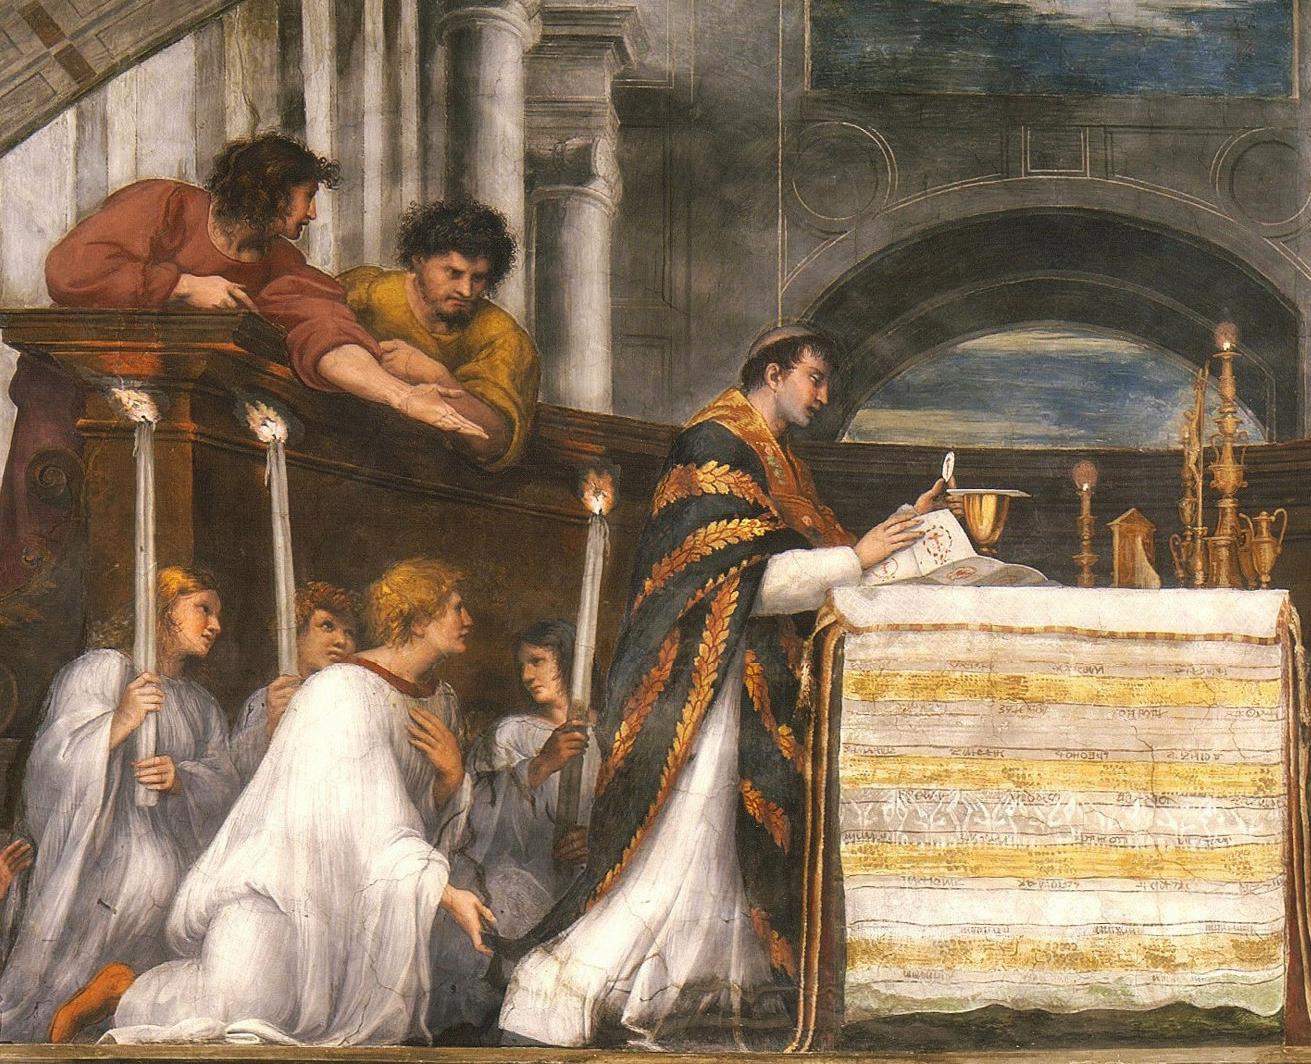 Рафаэль. Месса в Больсене (фрагмент 4). 1511-12